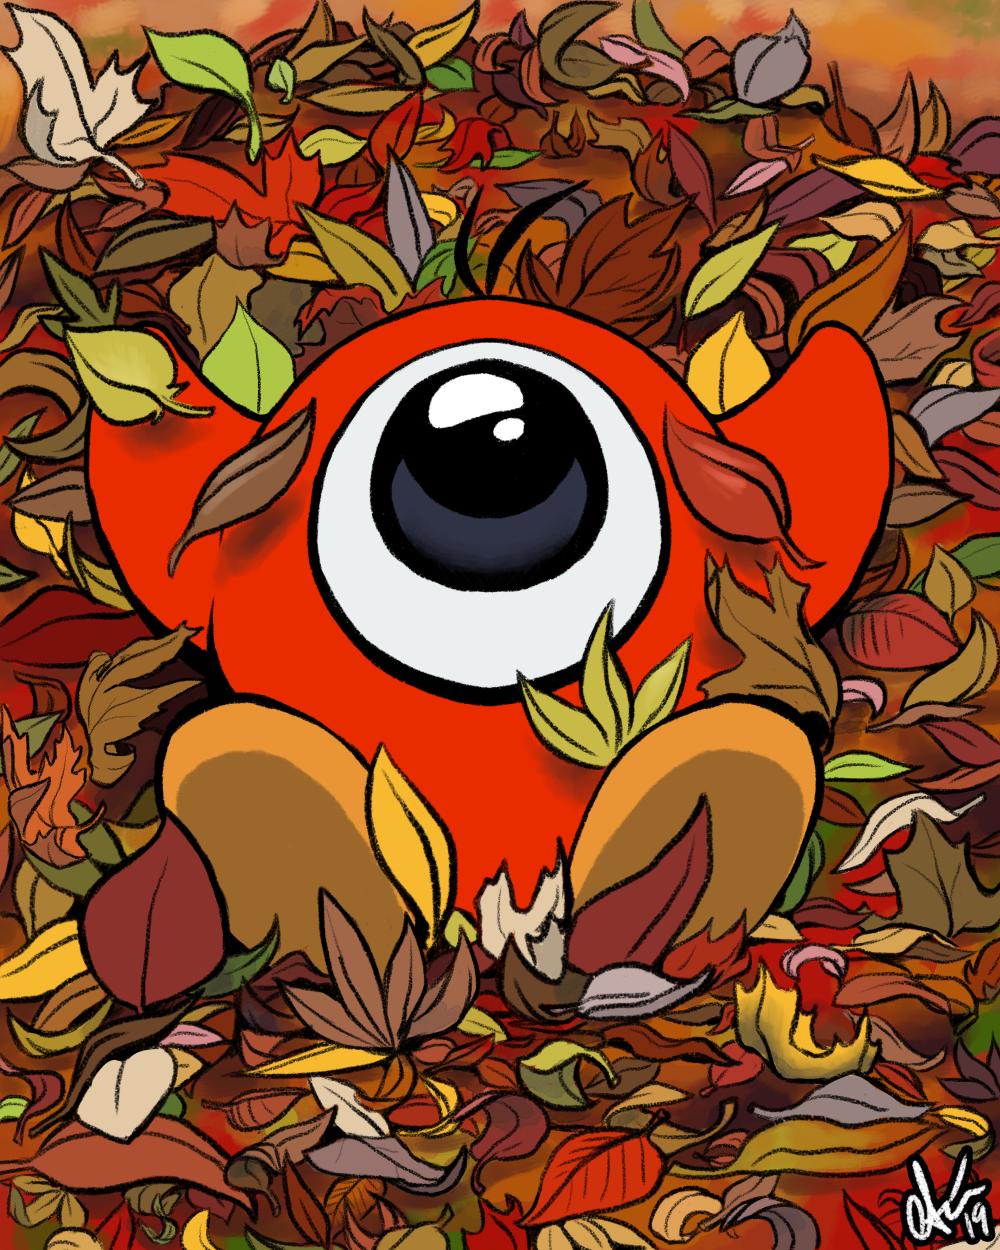 Waddle Doo [Autumn]